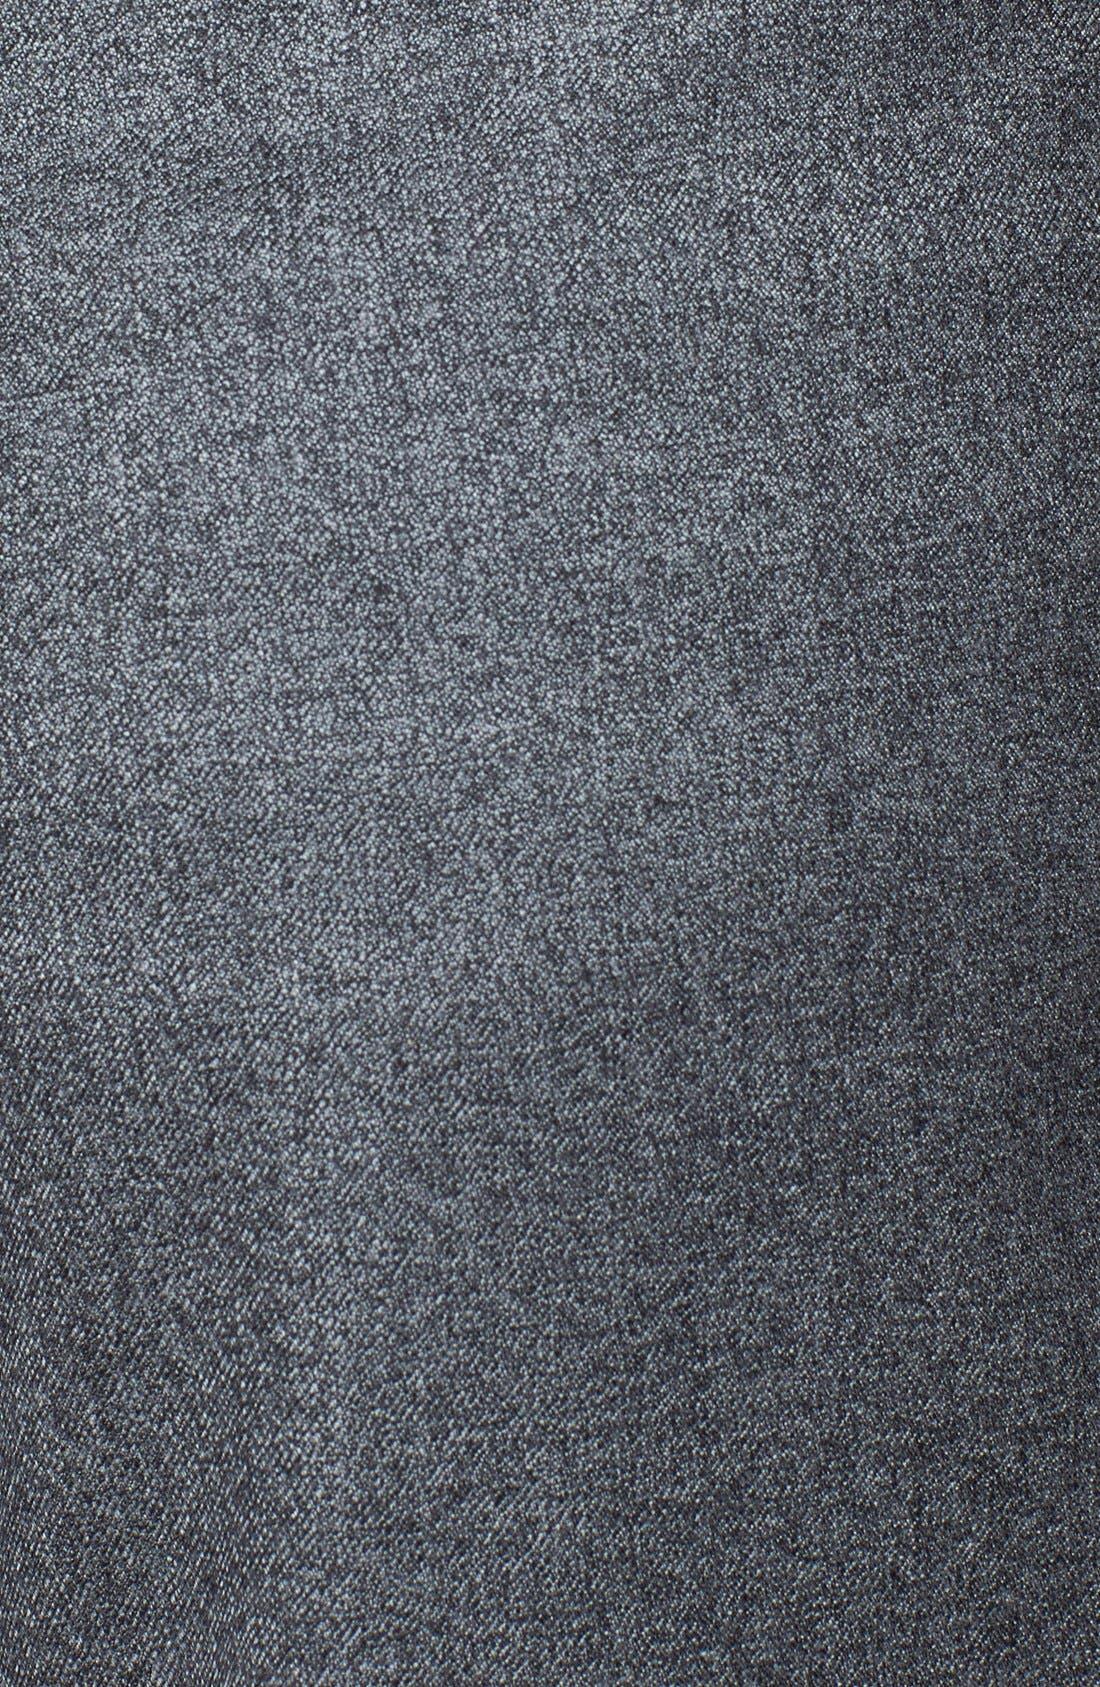 Alternate Image 3  - Rachel Zoe 'Alessia' Wide Leg Trousers